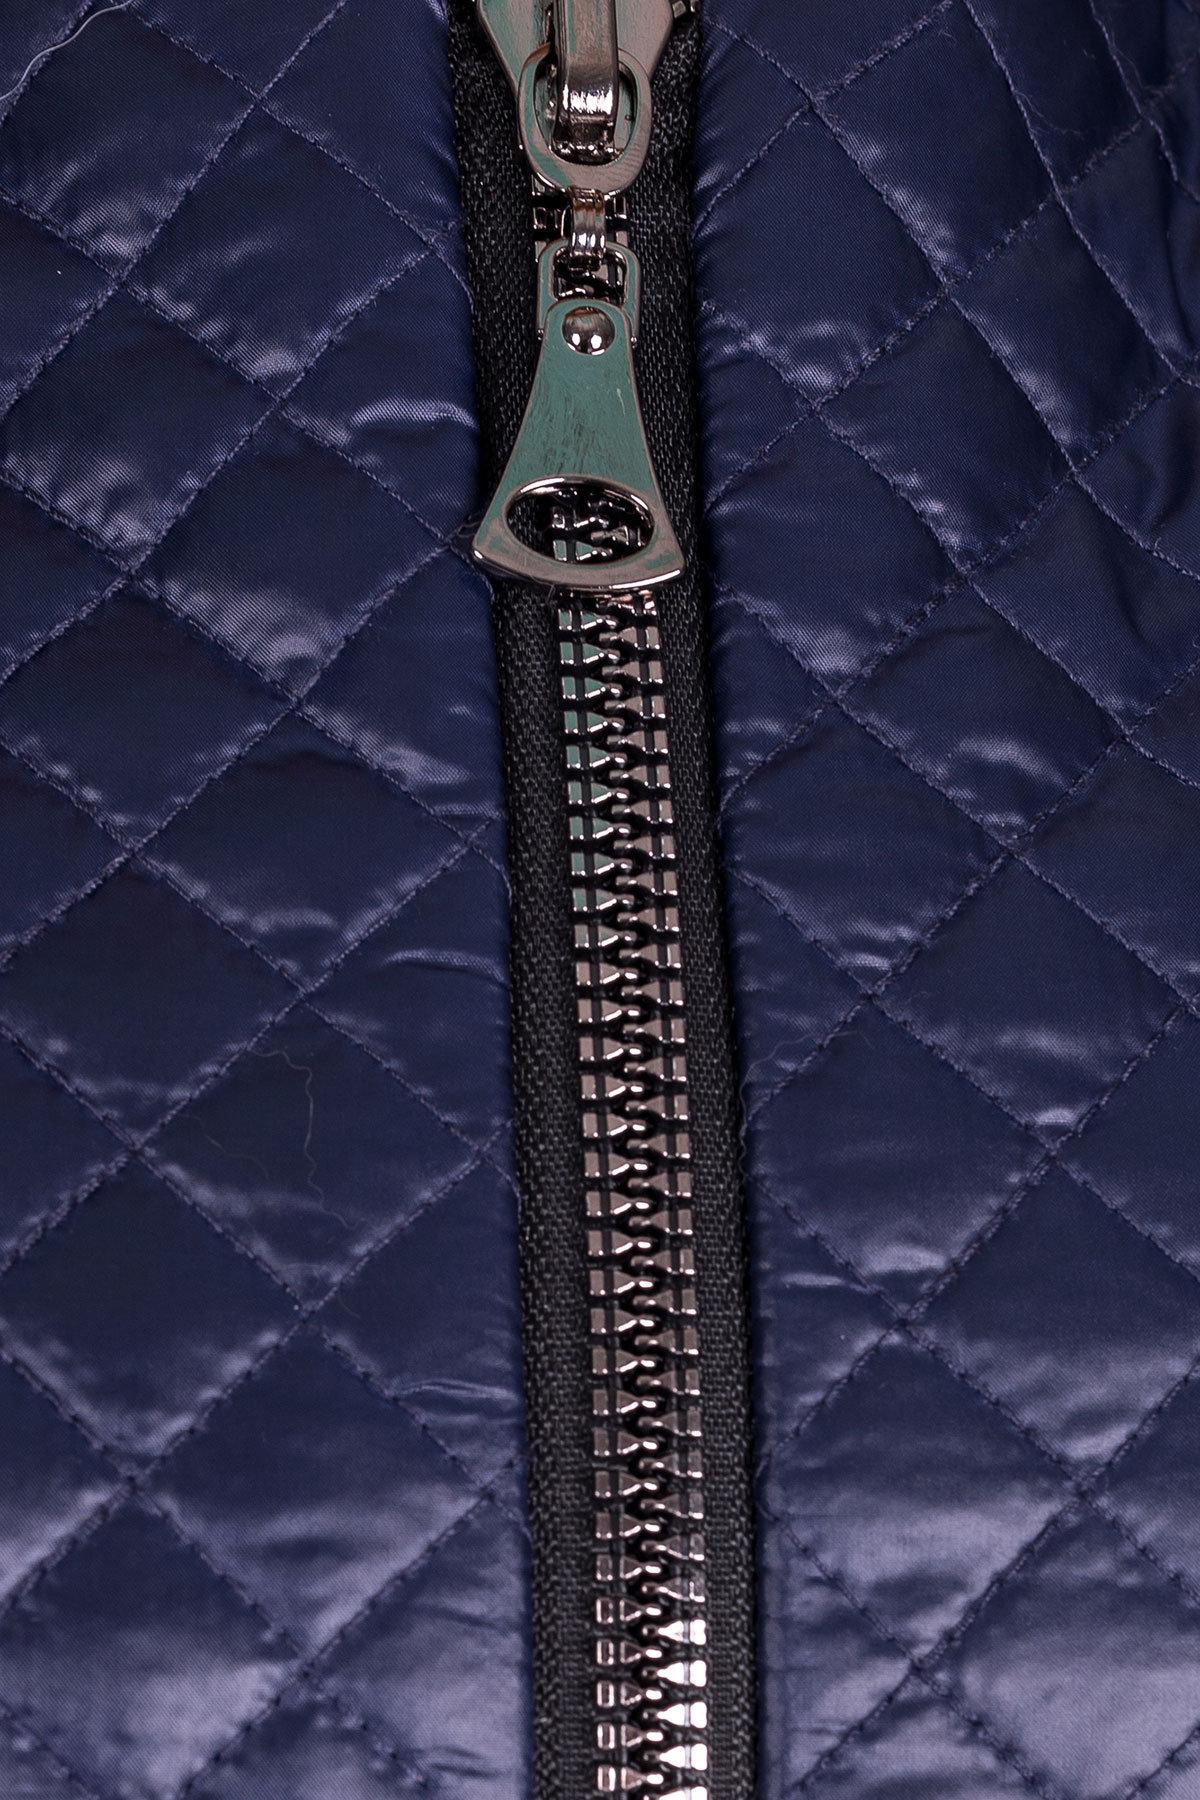 Пальто Соул 1975 АРТ. 9990 Цвет: Тёмно-синий  - фото 4, интернет магазин tm-modus.ru